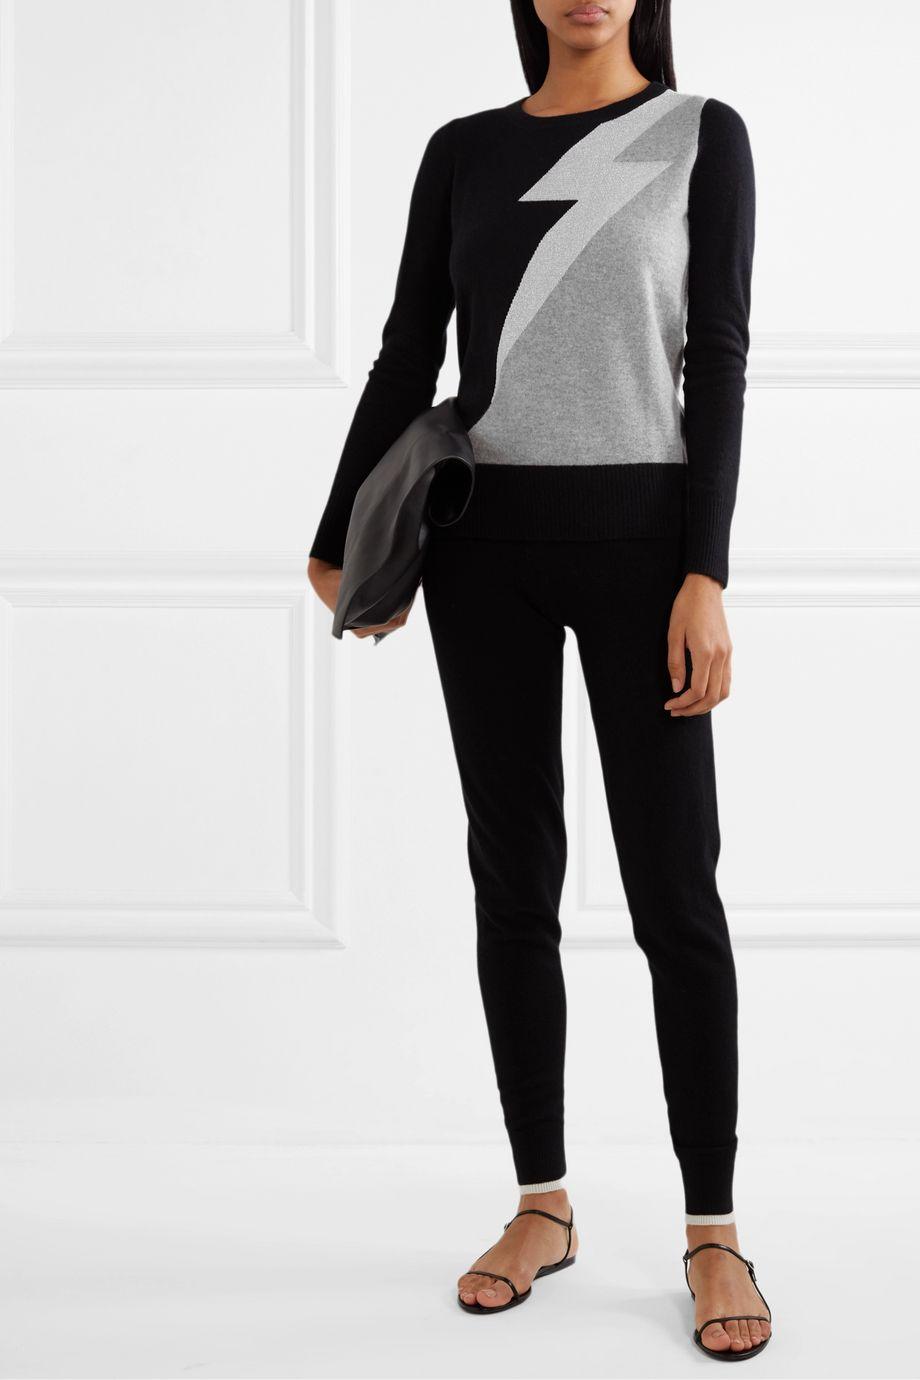 Madeleine Thompson Eros metallic intarsia cashmere sweater